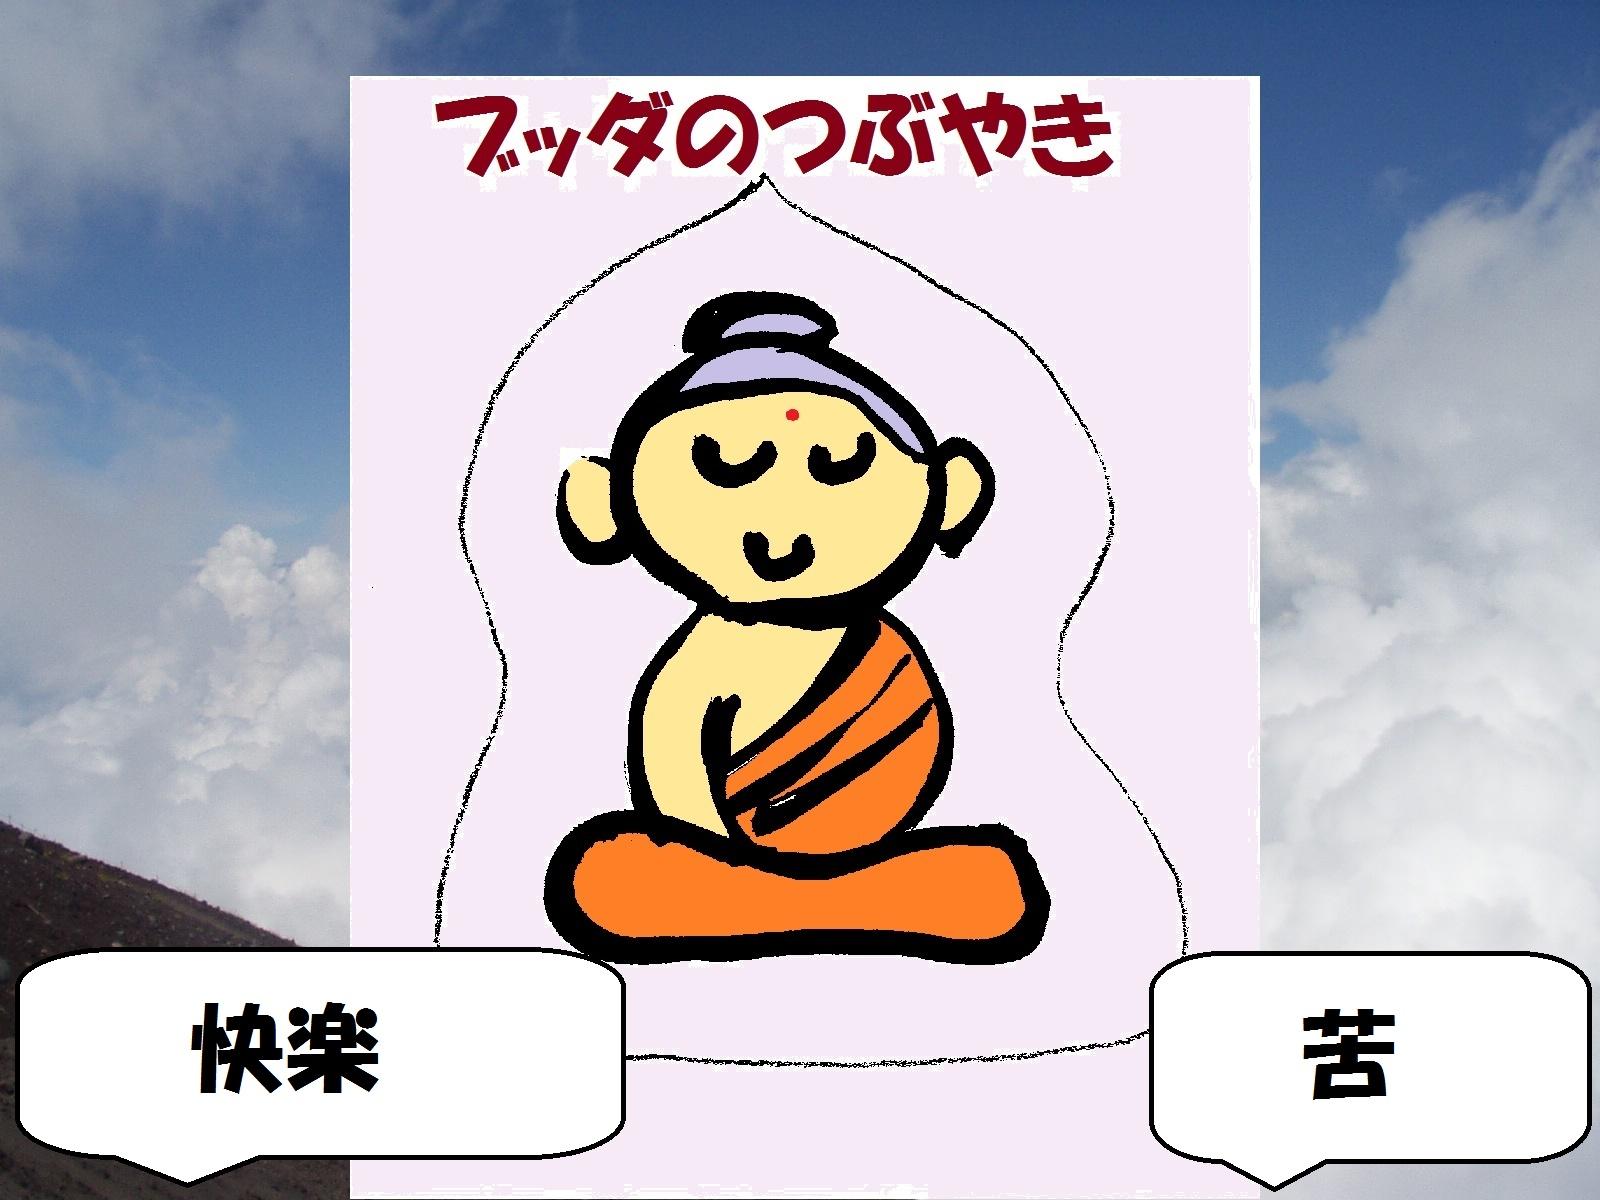 buddha-kuraku2-苦楽